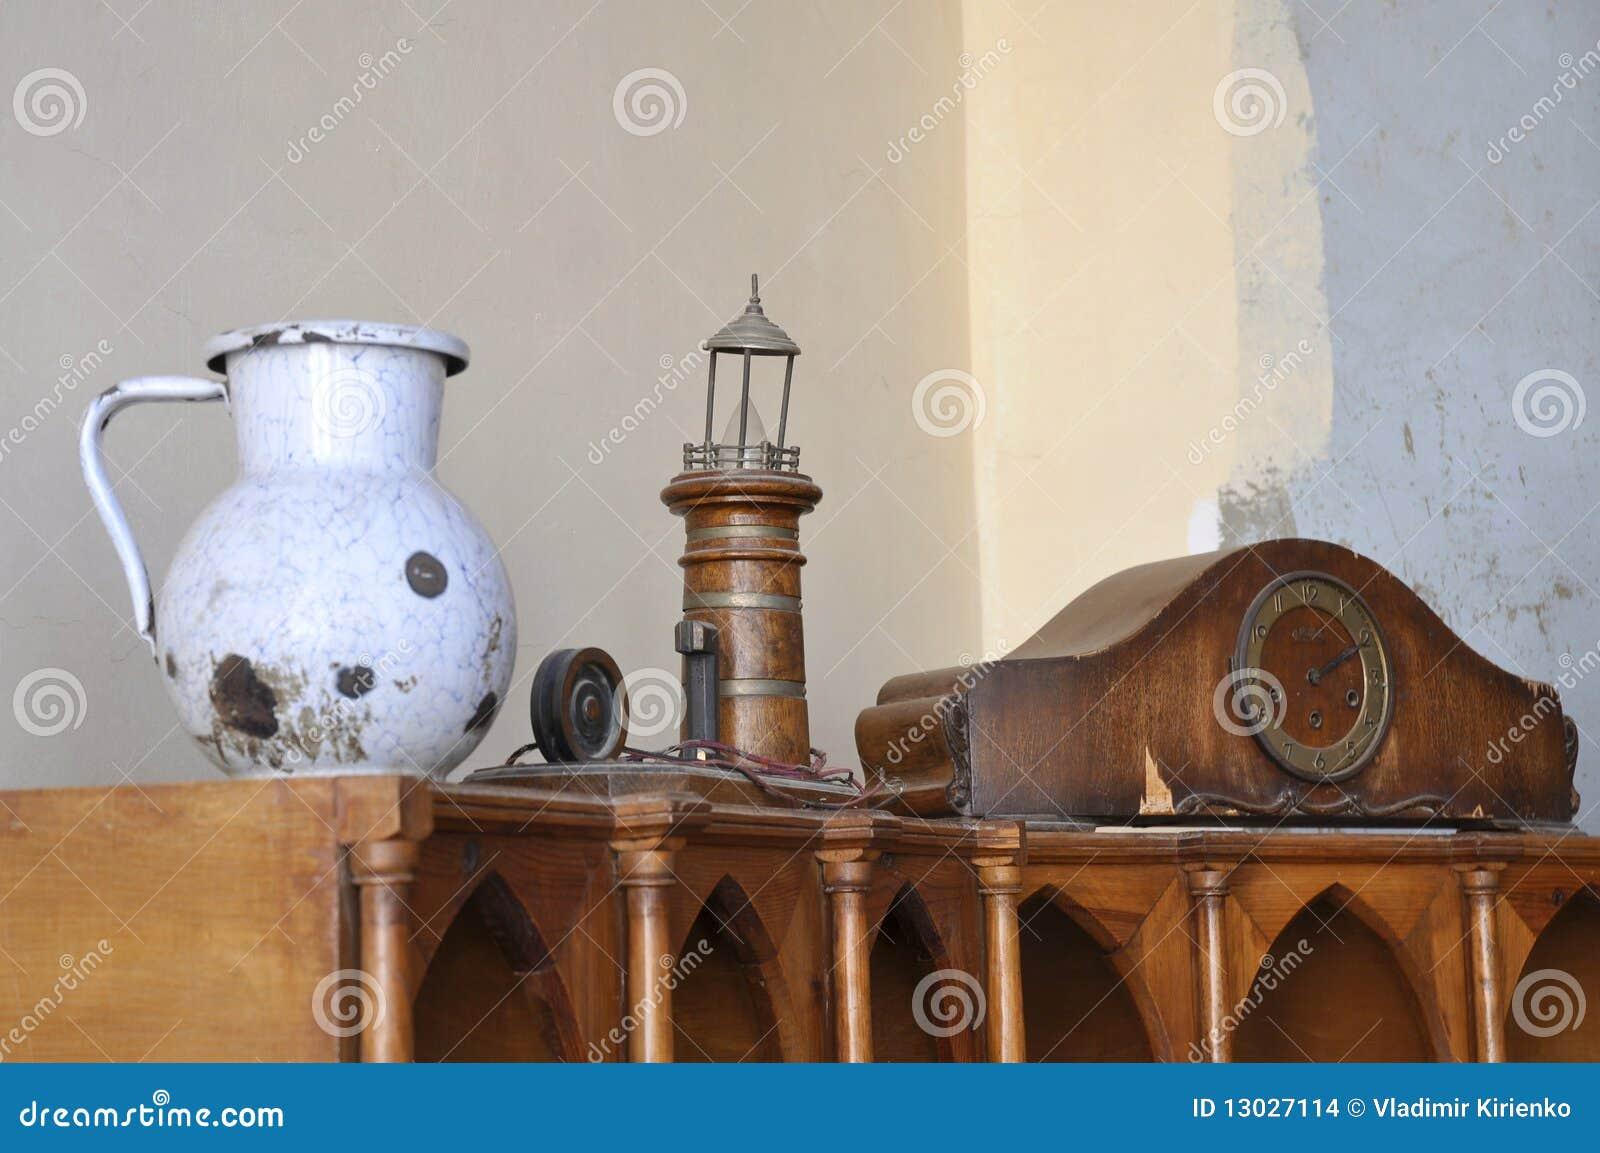 alte sachen stockfoto bild von f hler borduhr produkte 13027114. Black Bedroom Furniture Sets. Home Design Ideas